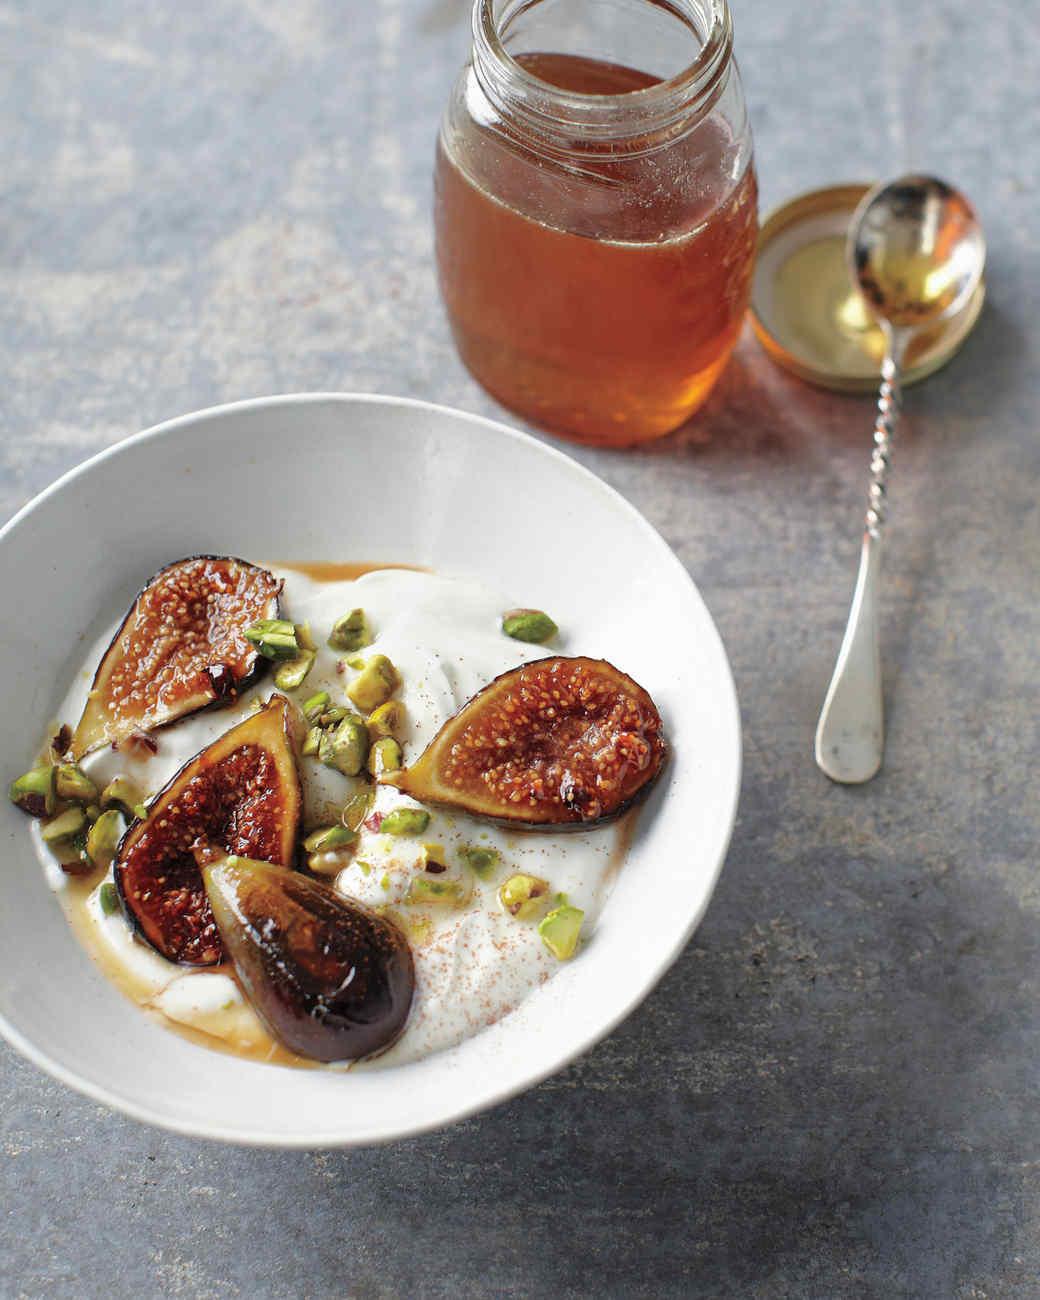 Honey-Caramelized Figs with Yogurt